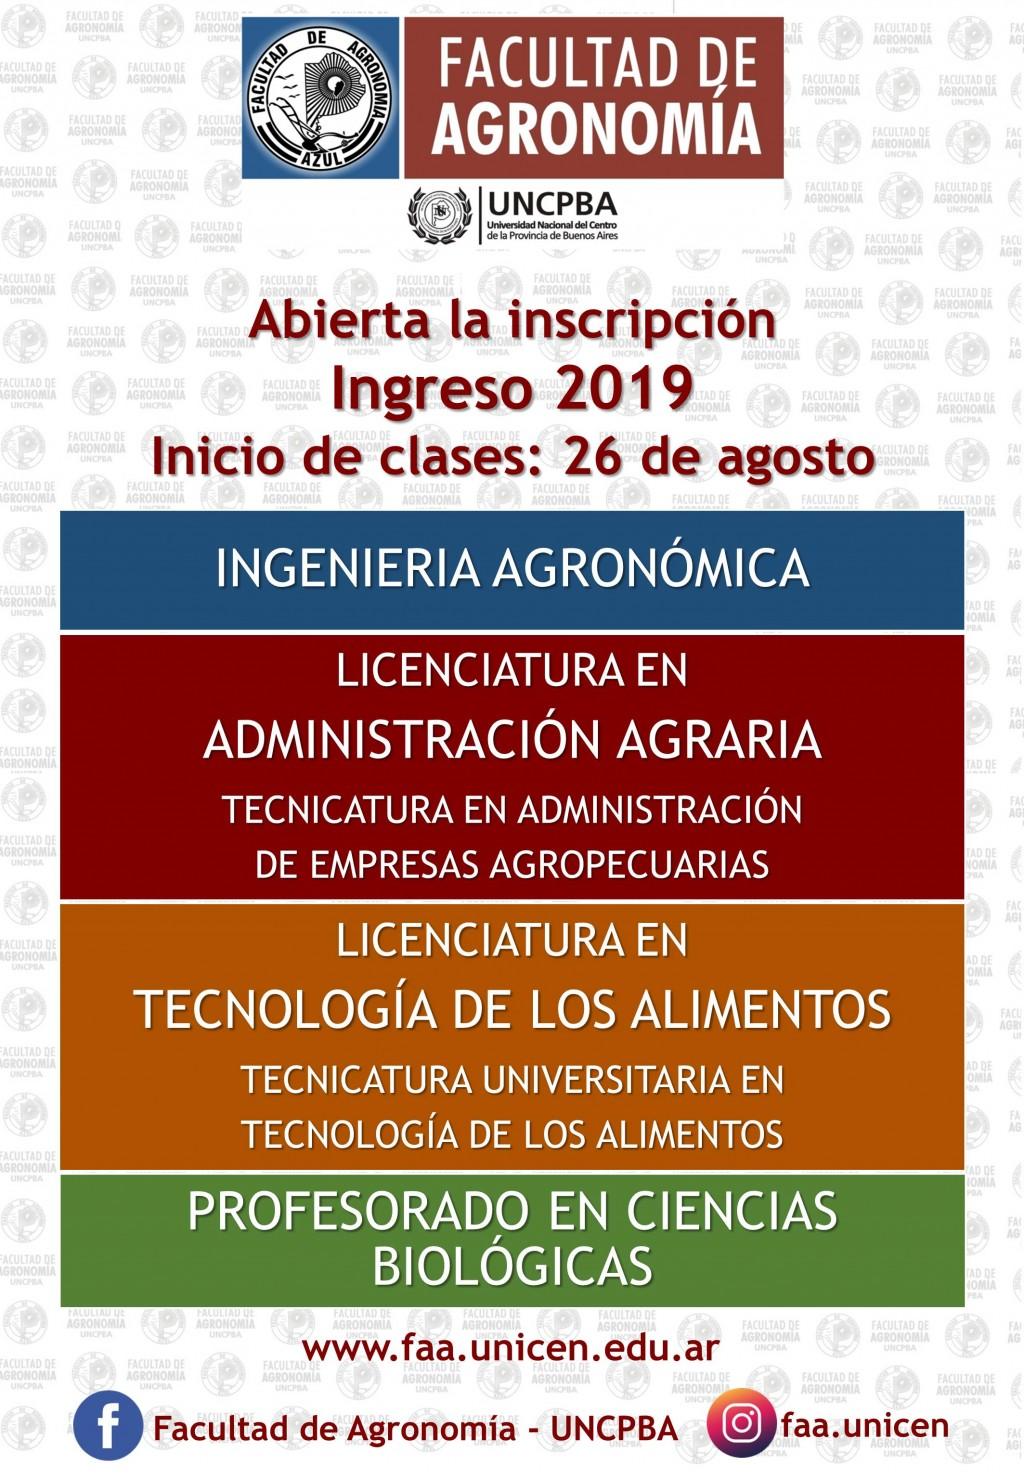 Azul: Inscripción e inicio de clases en Agronomía